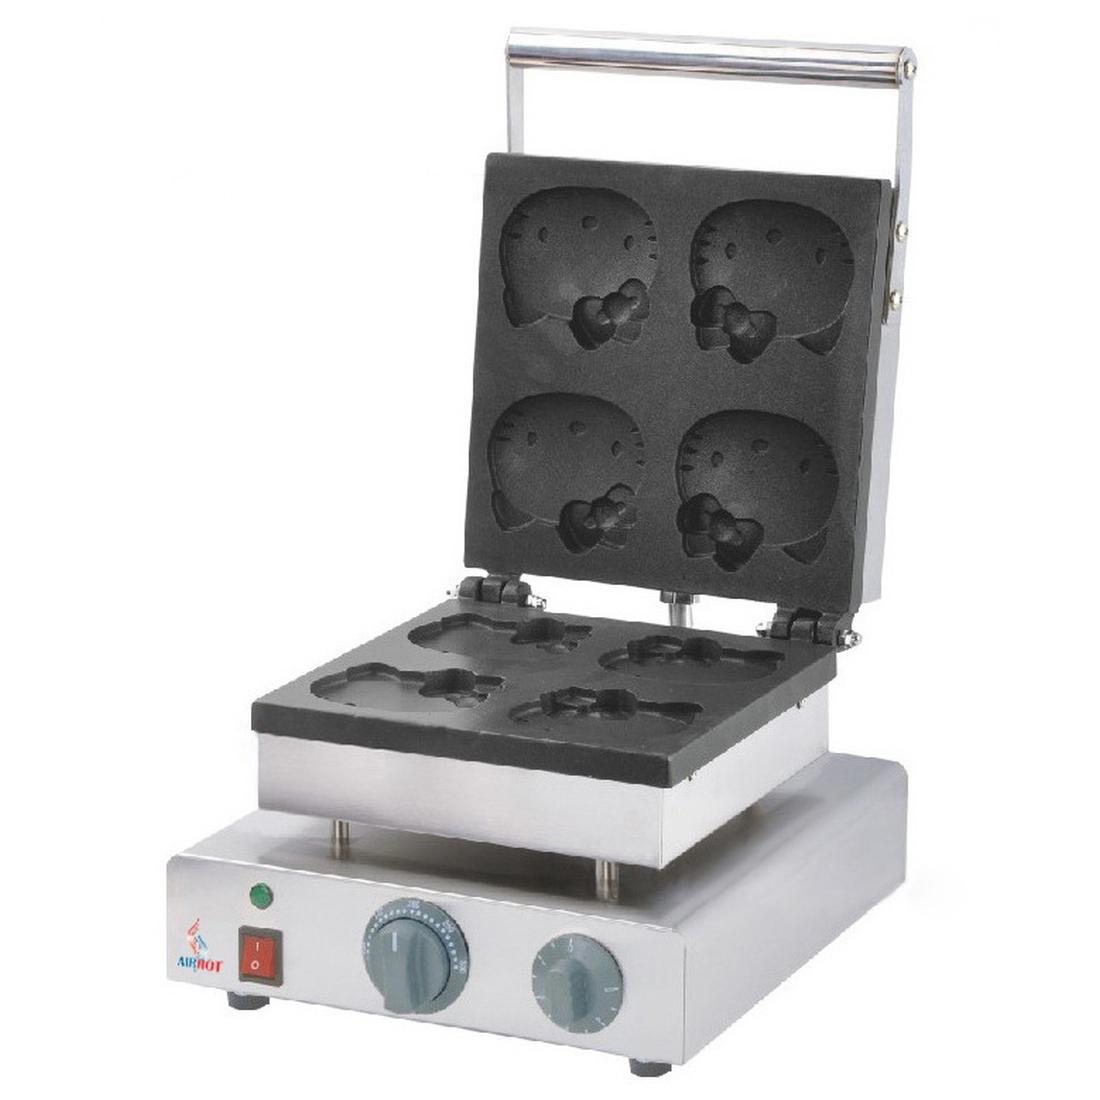 Вафельница для вафель в форме кошечки Airhot WBHK-4 HELLO KITTY